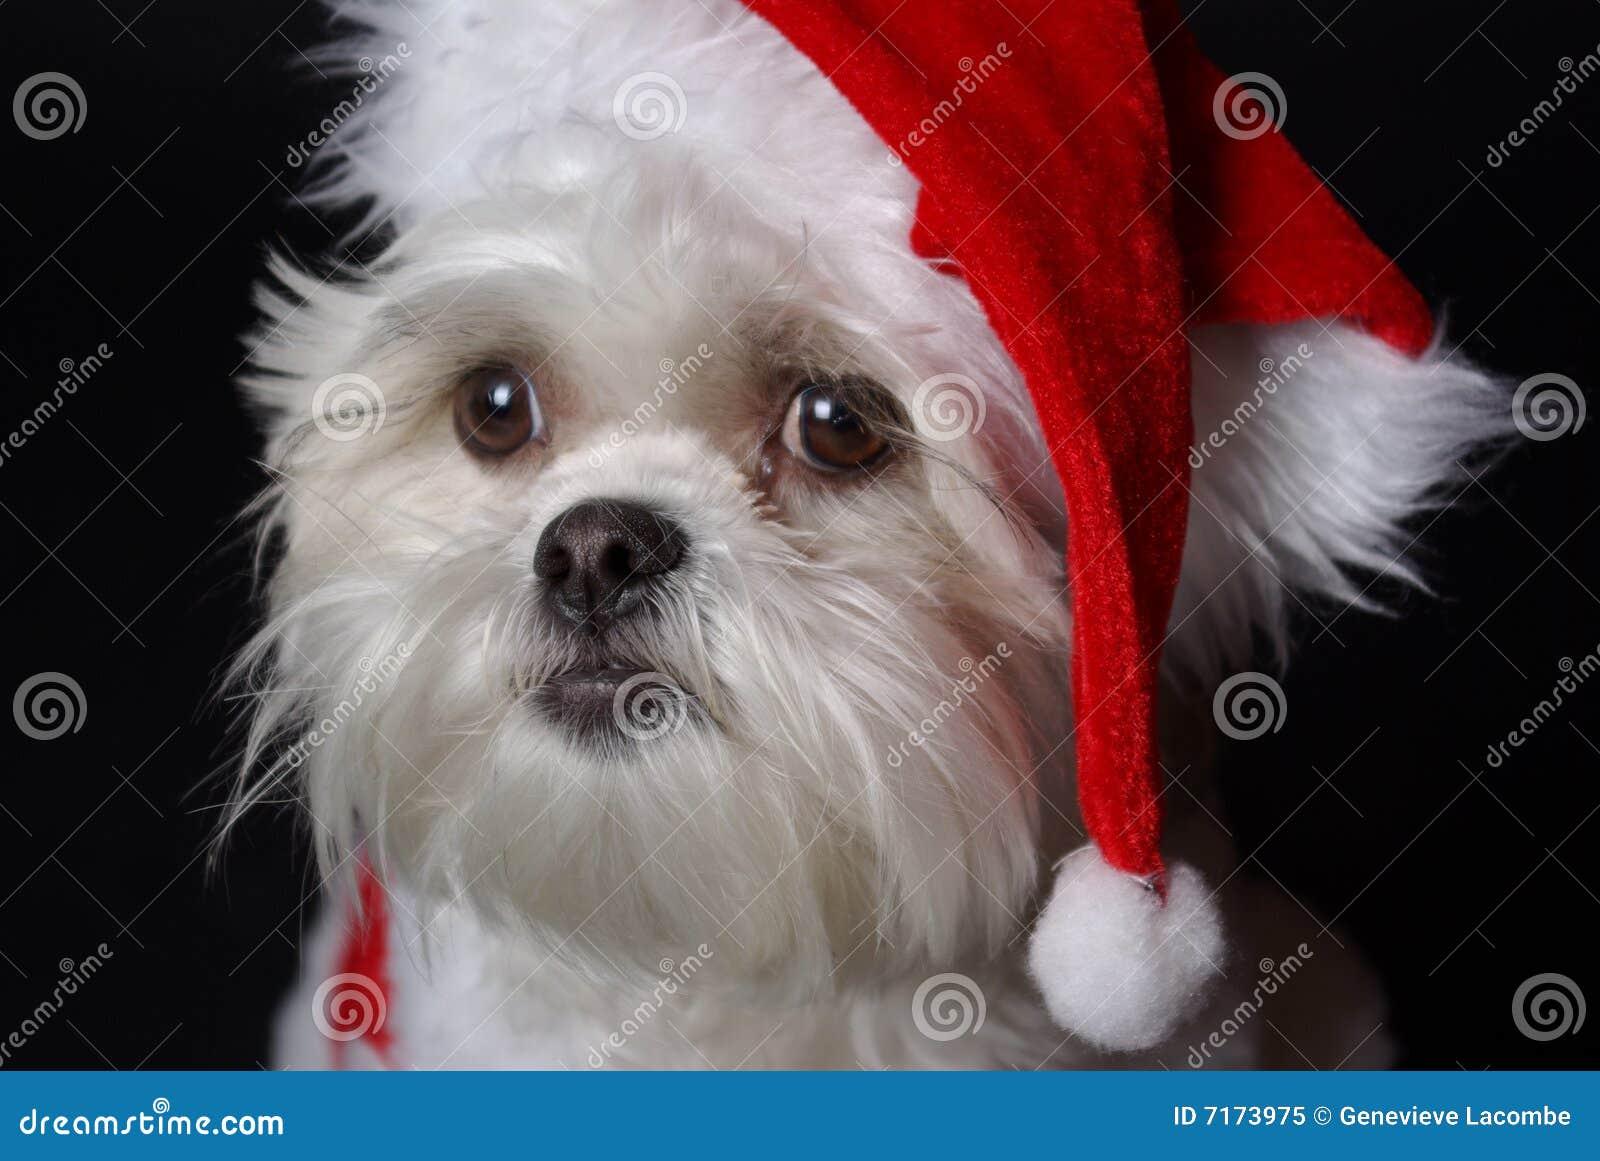 Weißes Weihnachtshund stockbild. Bild von weiß, weihnachten - 7173975